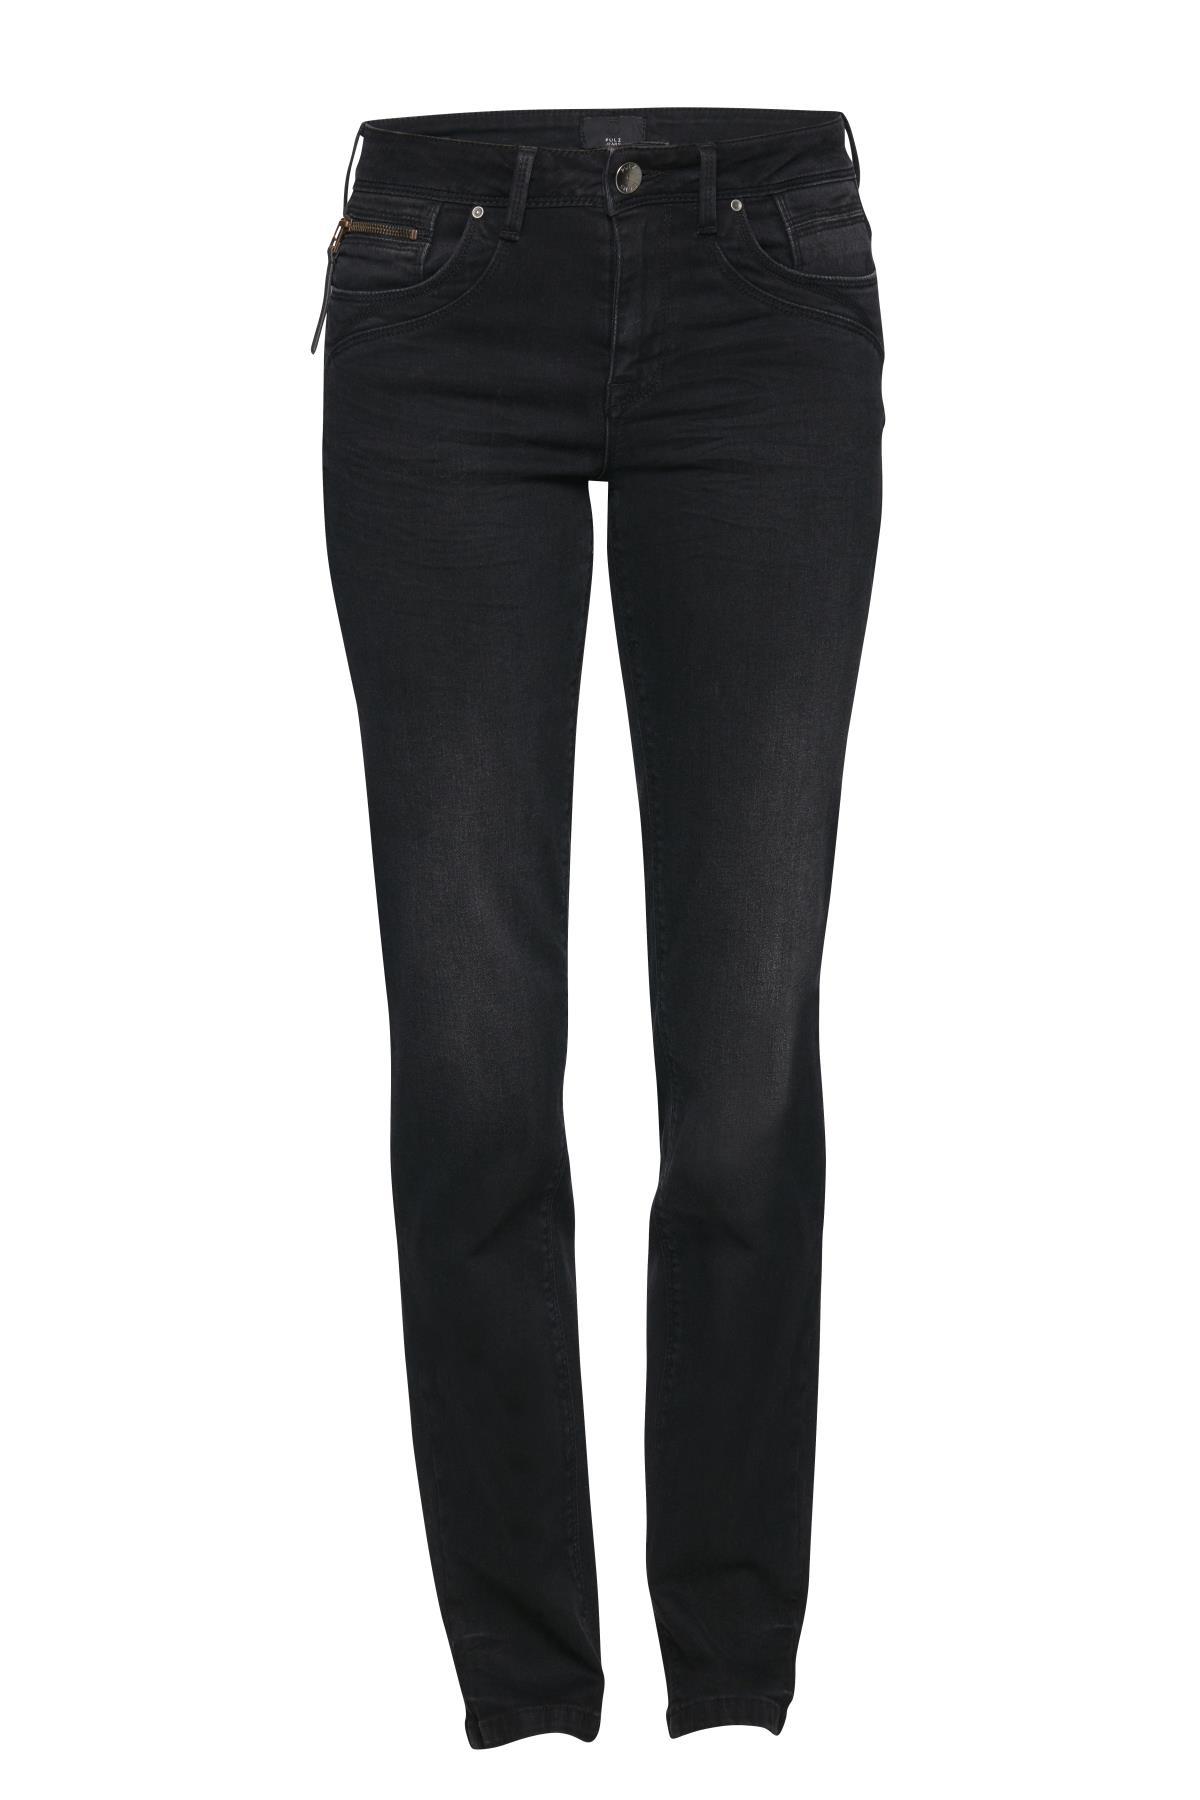 Schwarz denim Jeans von Pulz Jeans – Shoppen Sie Schwarz denim Jeans ab Gr. 25-35 hier